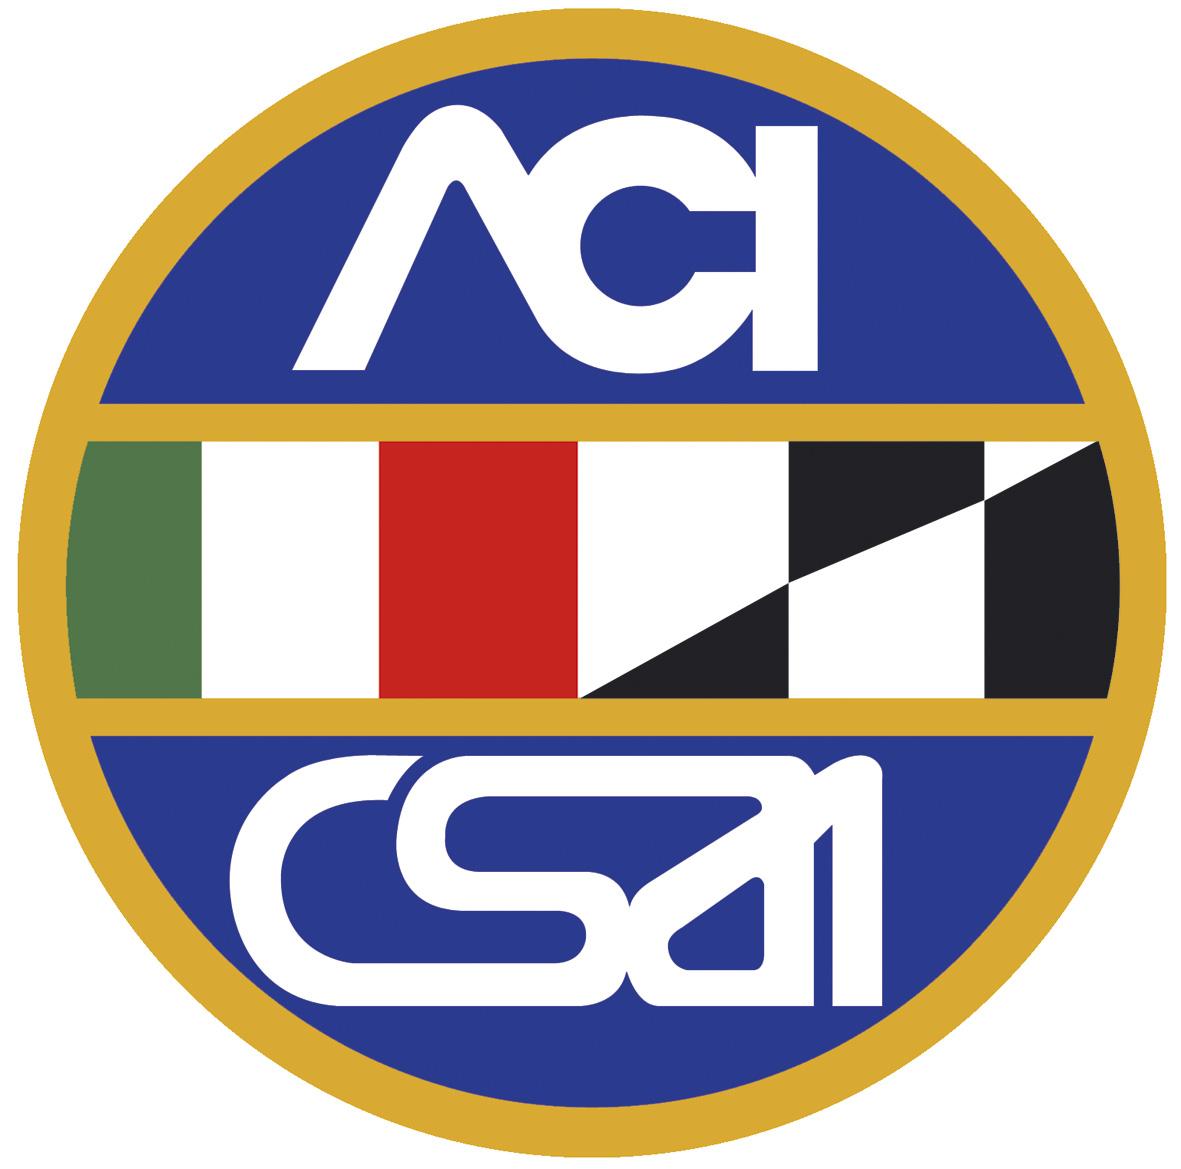 ACI CSAI capofila del progetto FIA Formula 4